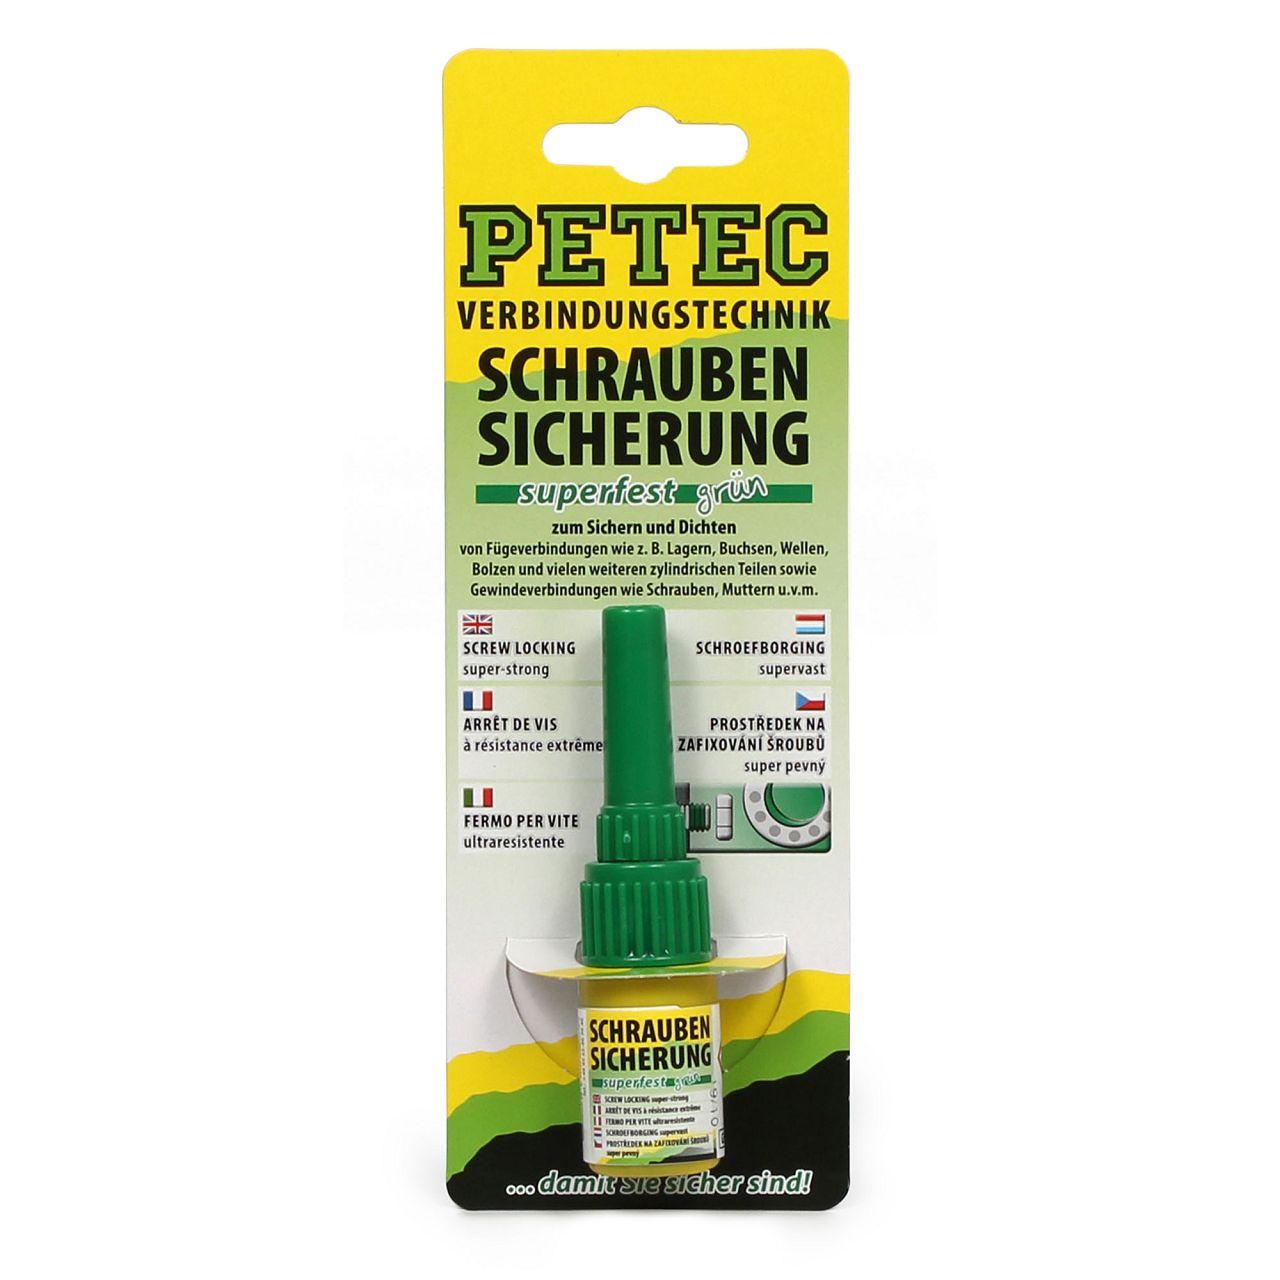 PETEC 93005 Schraubensicherung Superfest Sicherungskleber Klebstoff 5g GRÜN